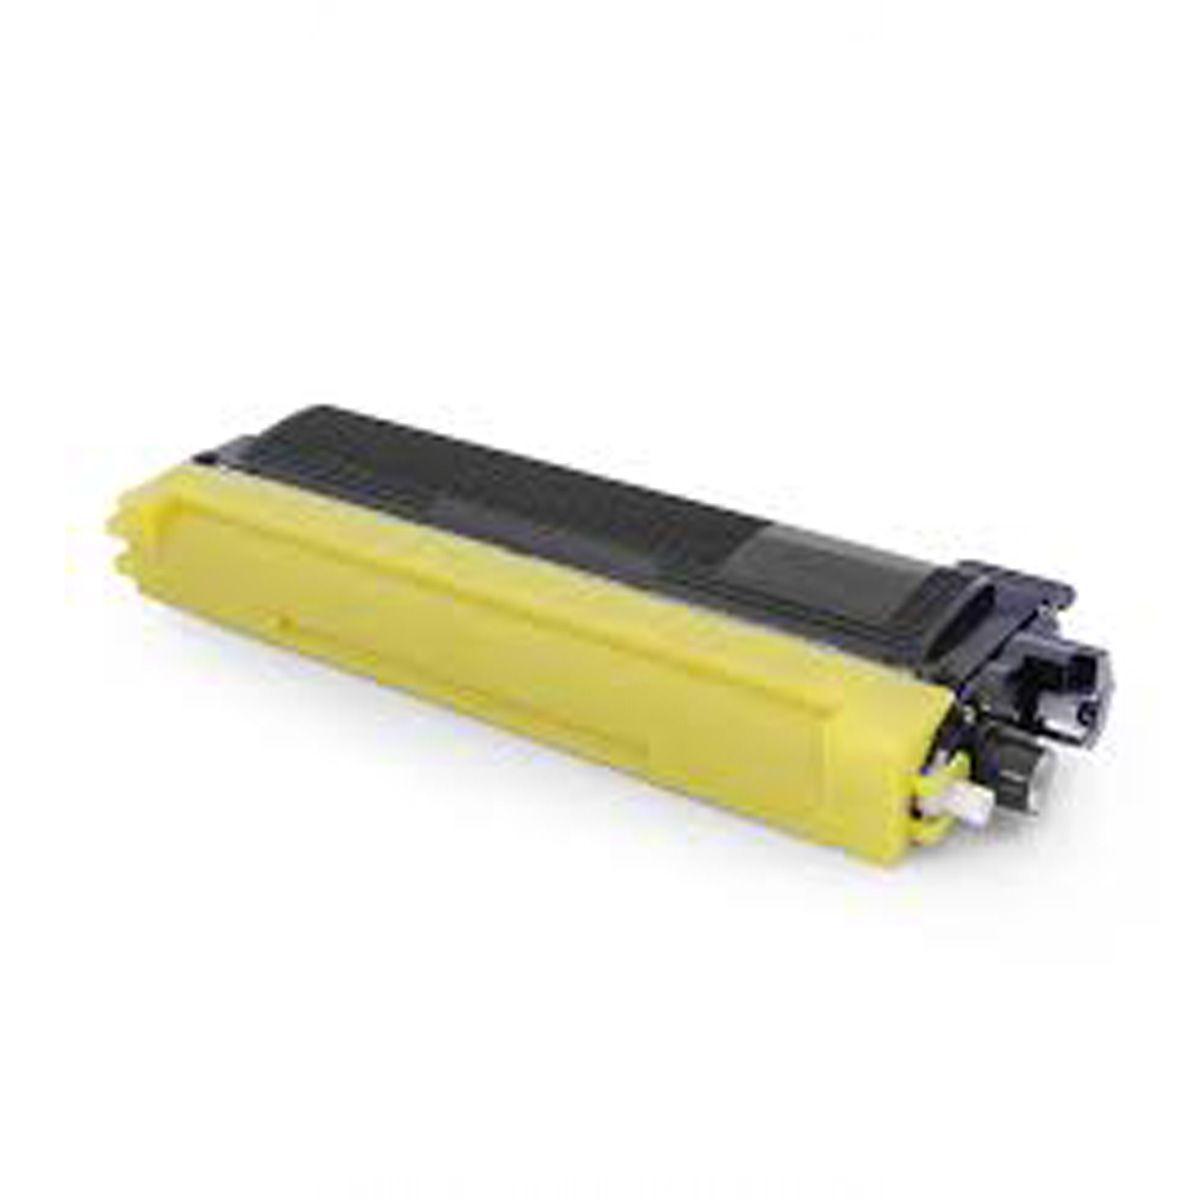 Toner Brother TN-210 TN210 - HL3040CN MFC9010CN HL3070CW MFC9120CN MFC9320CW - Amarelo - 1,4K